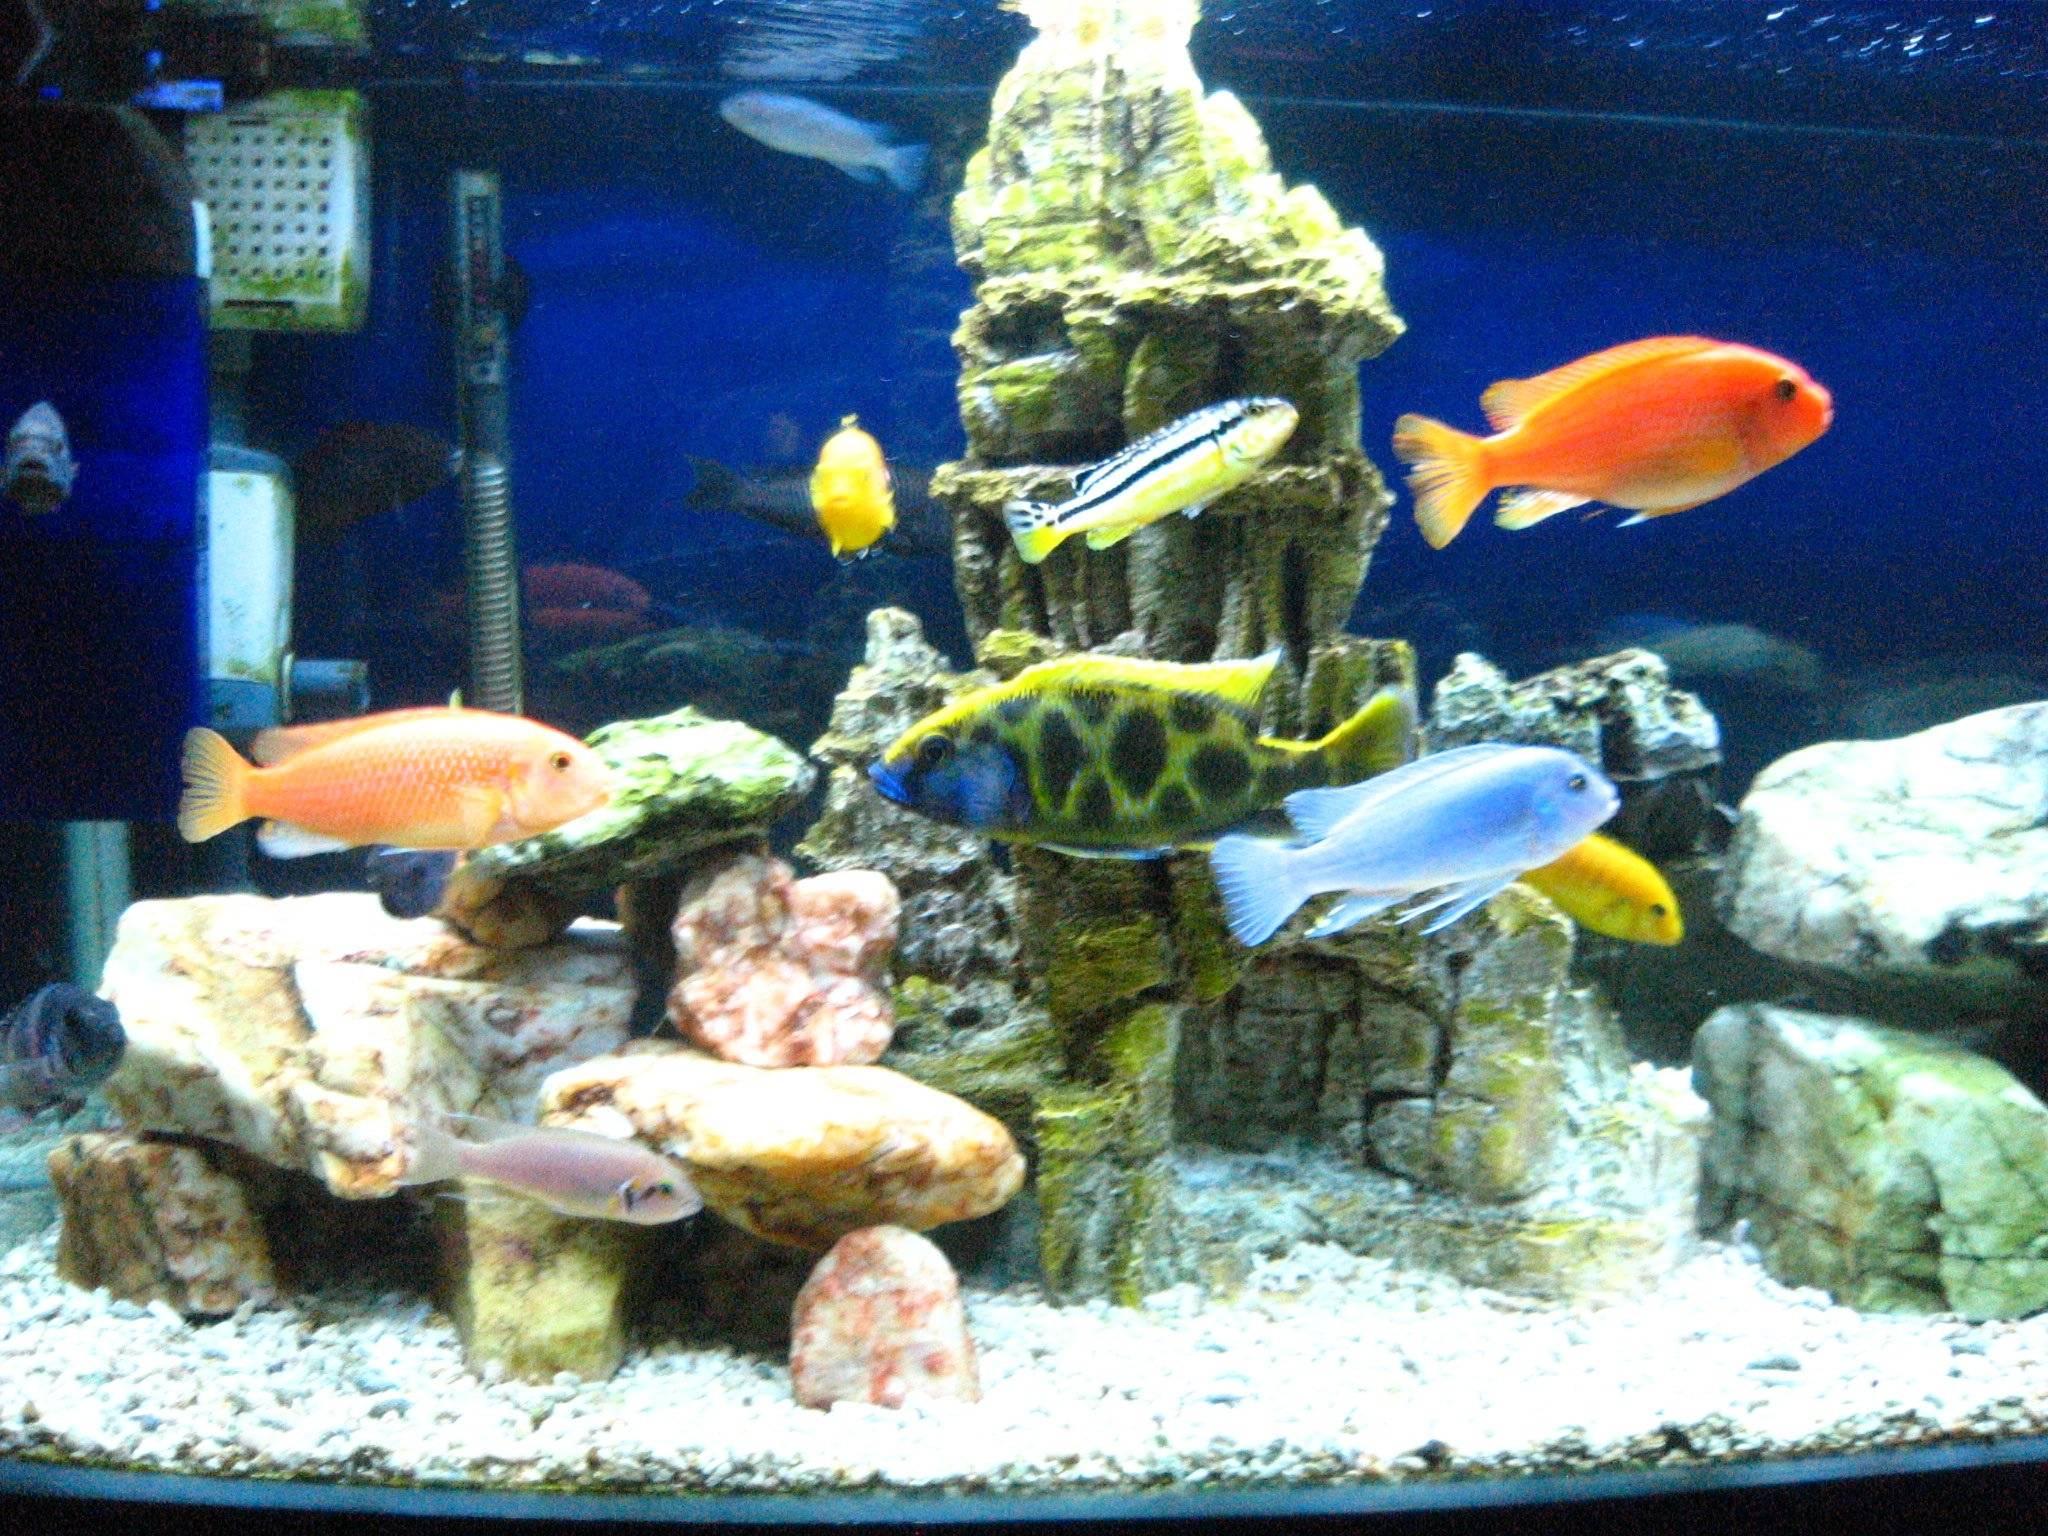 aquarium fish cichlids 3 10 from 82 votes aquarium fish cichlids 4 10 ...